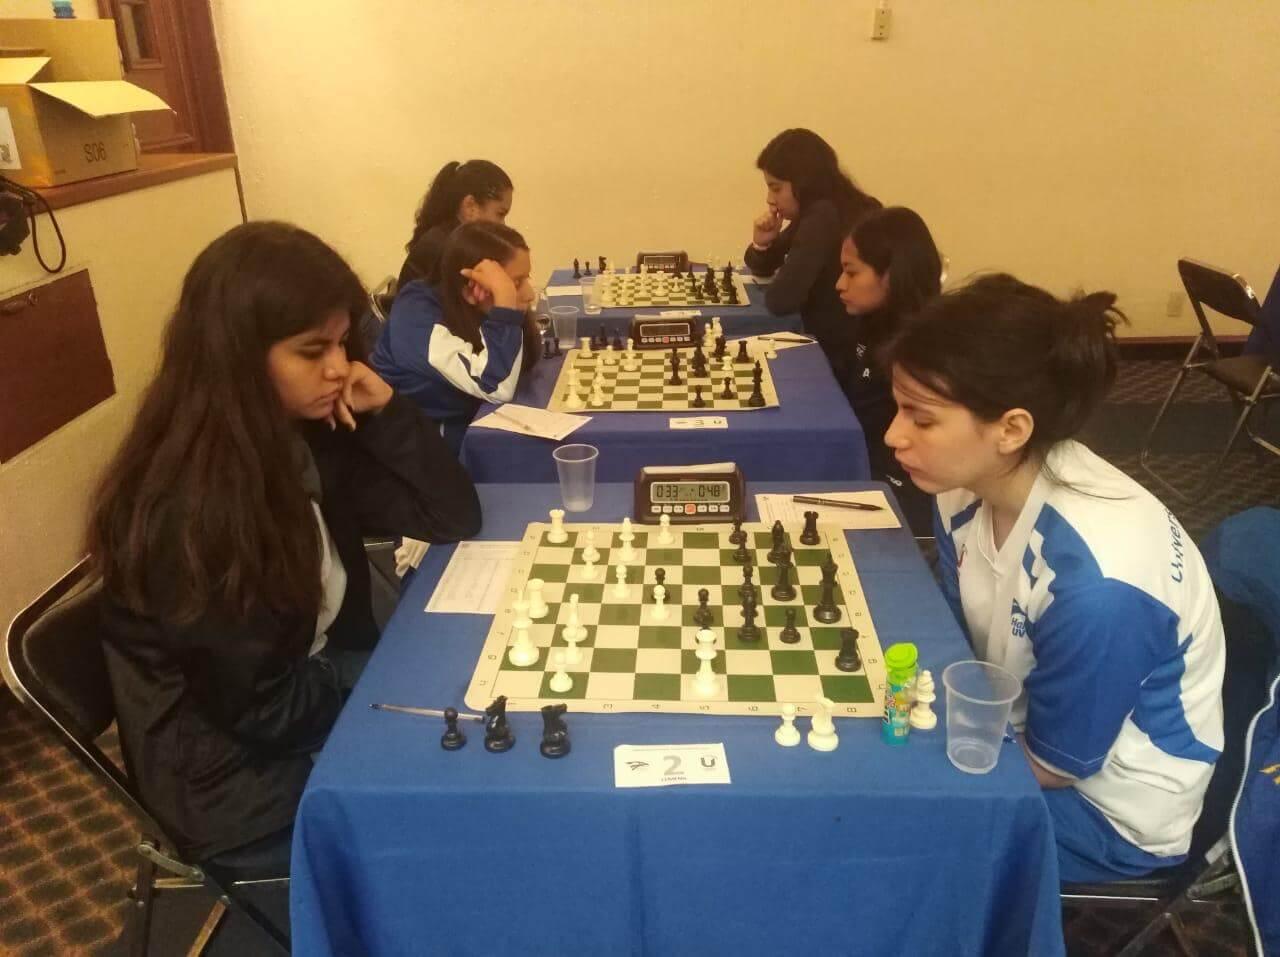 El ajedrez veracruzano continúa trascendiendo a nivel internacional, obteniendo resultados importantes actualmente, por ejemplo en la categoría amateur, Jesús Amezcua se proclamó campeón mundial, recientemente.